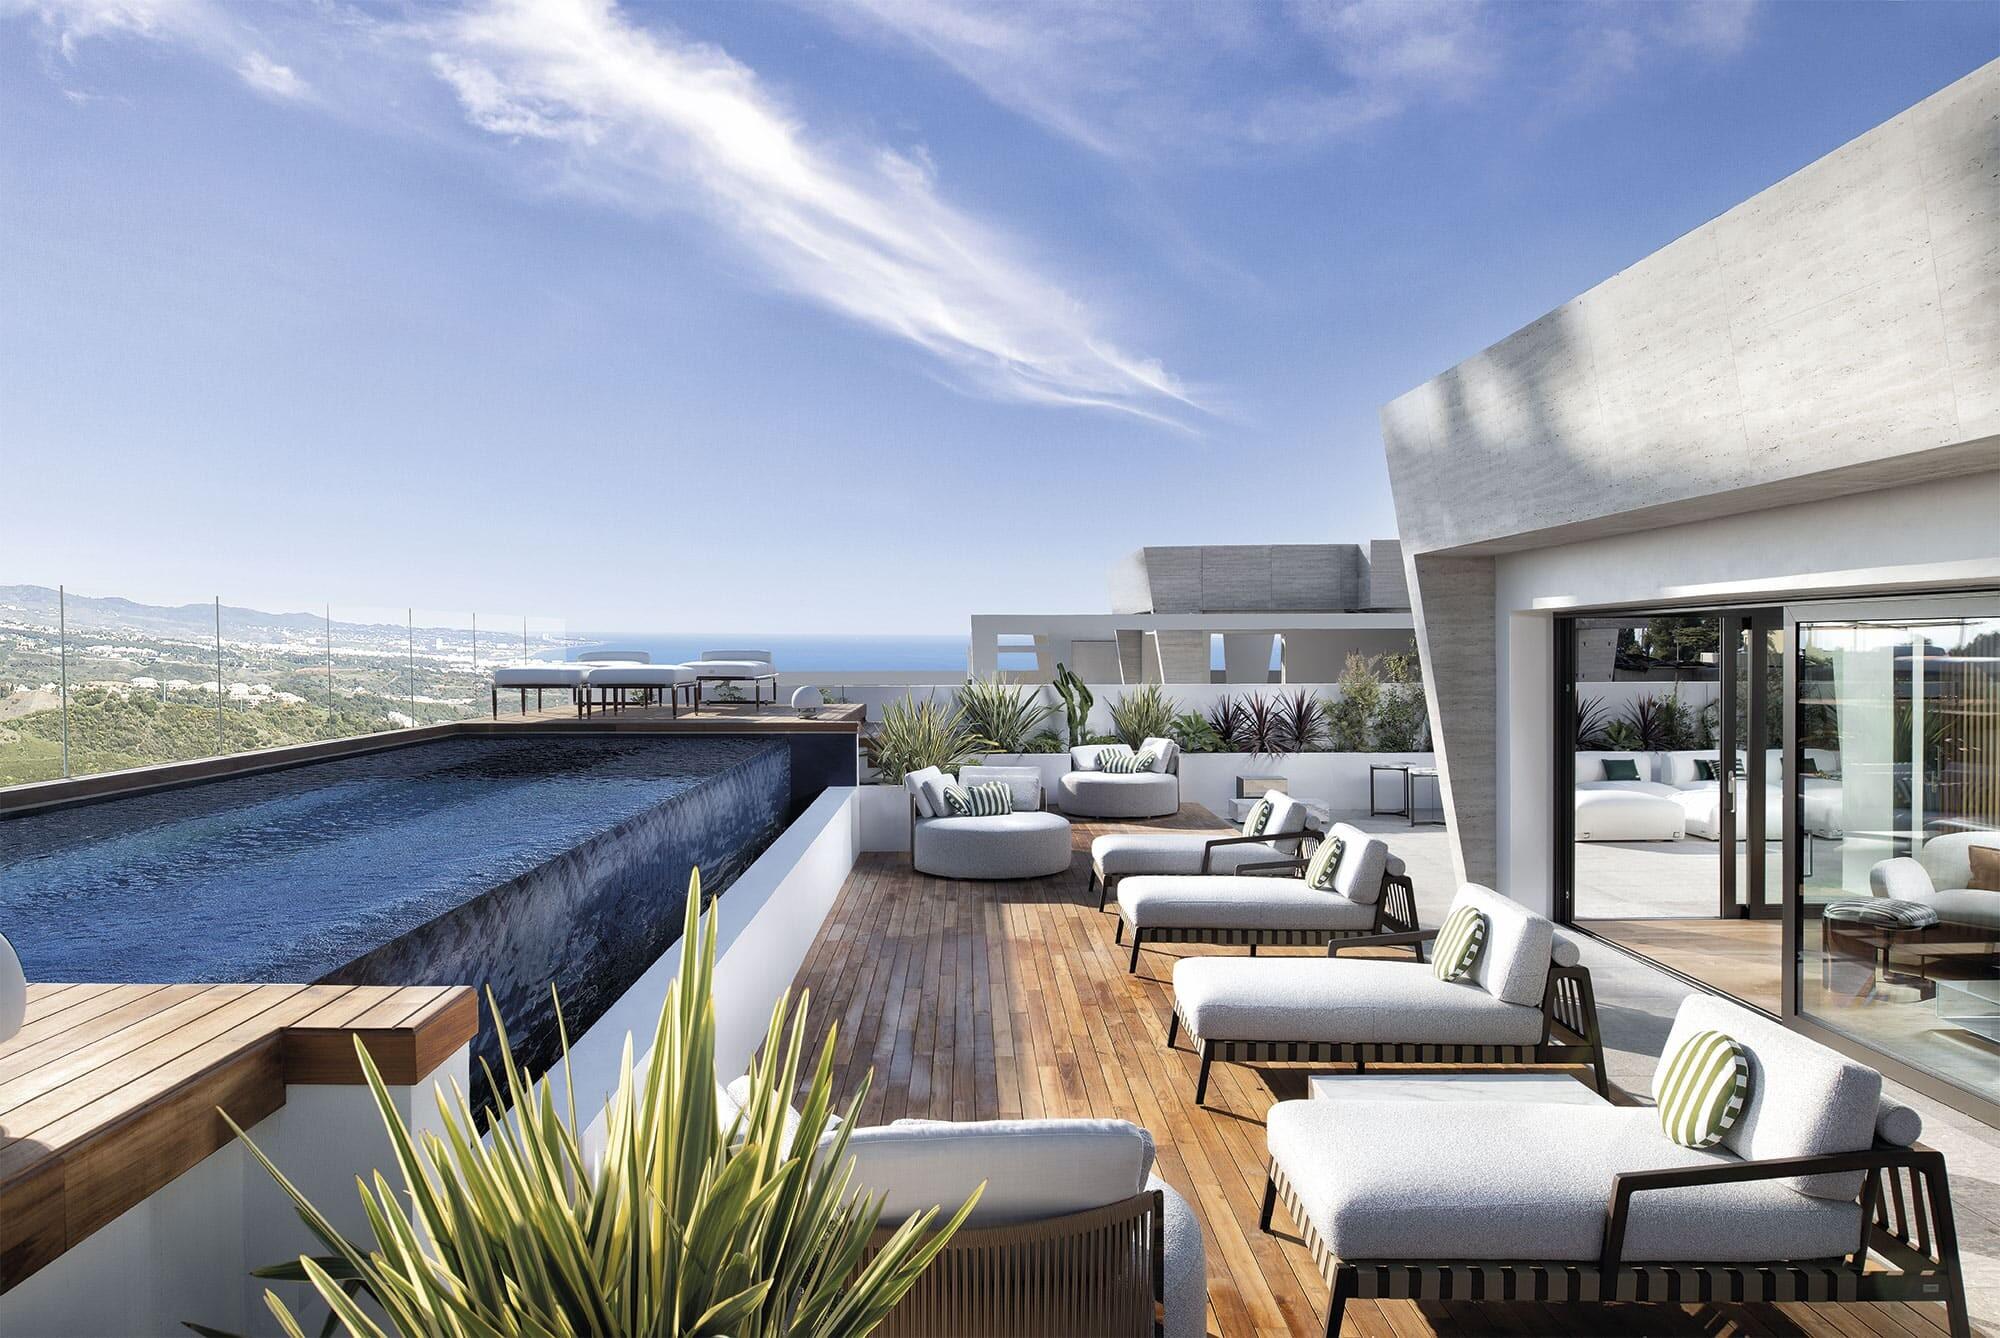 epic-marbella-el-proyecto-de-residencias-de-lujo-diseñado-por-fendi-2-alt